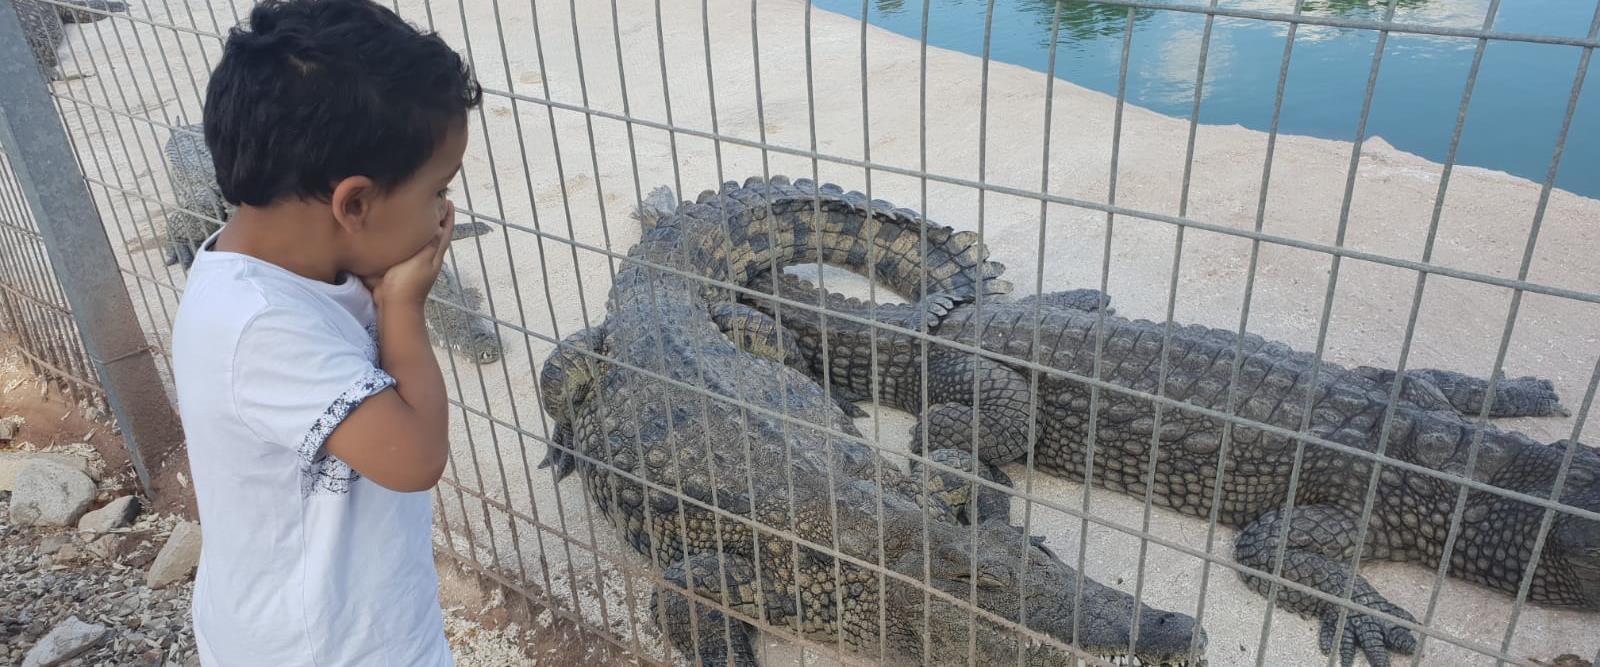 Un enfant de quatre ans mordu par un crocodile dans un zoo en Israël -podcast-